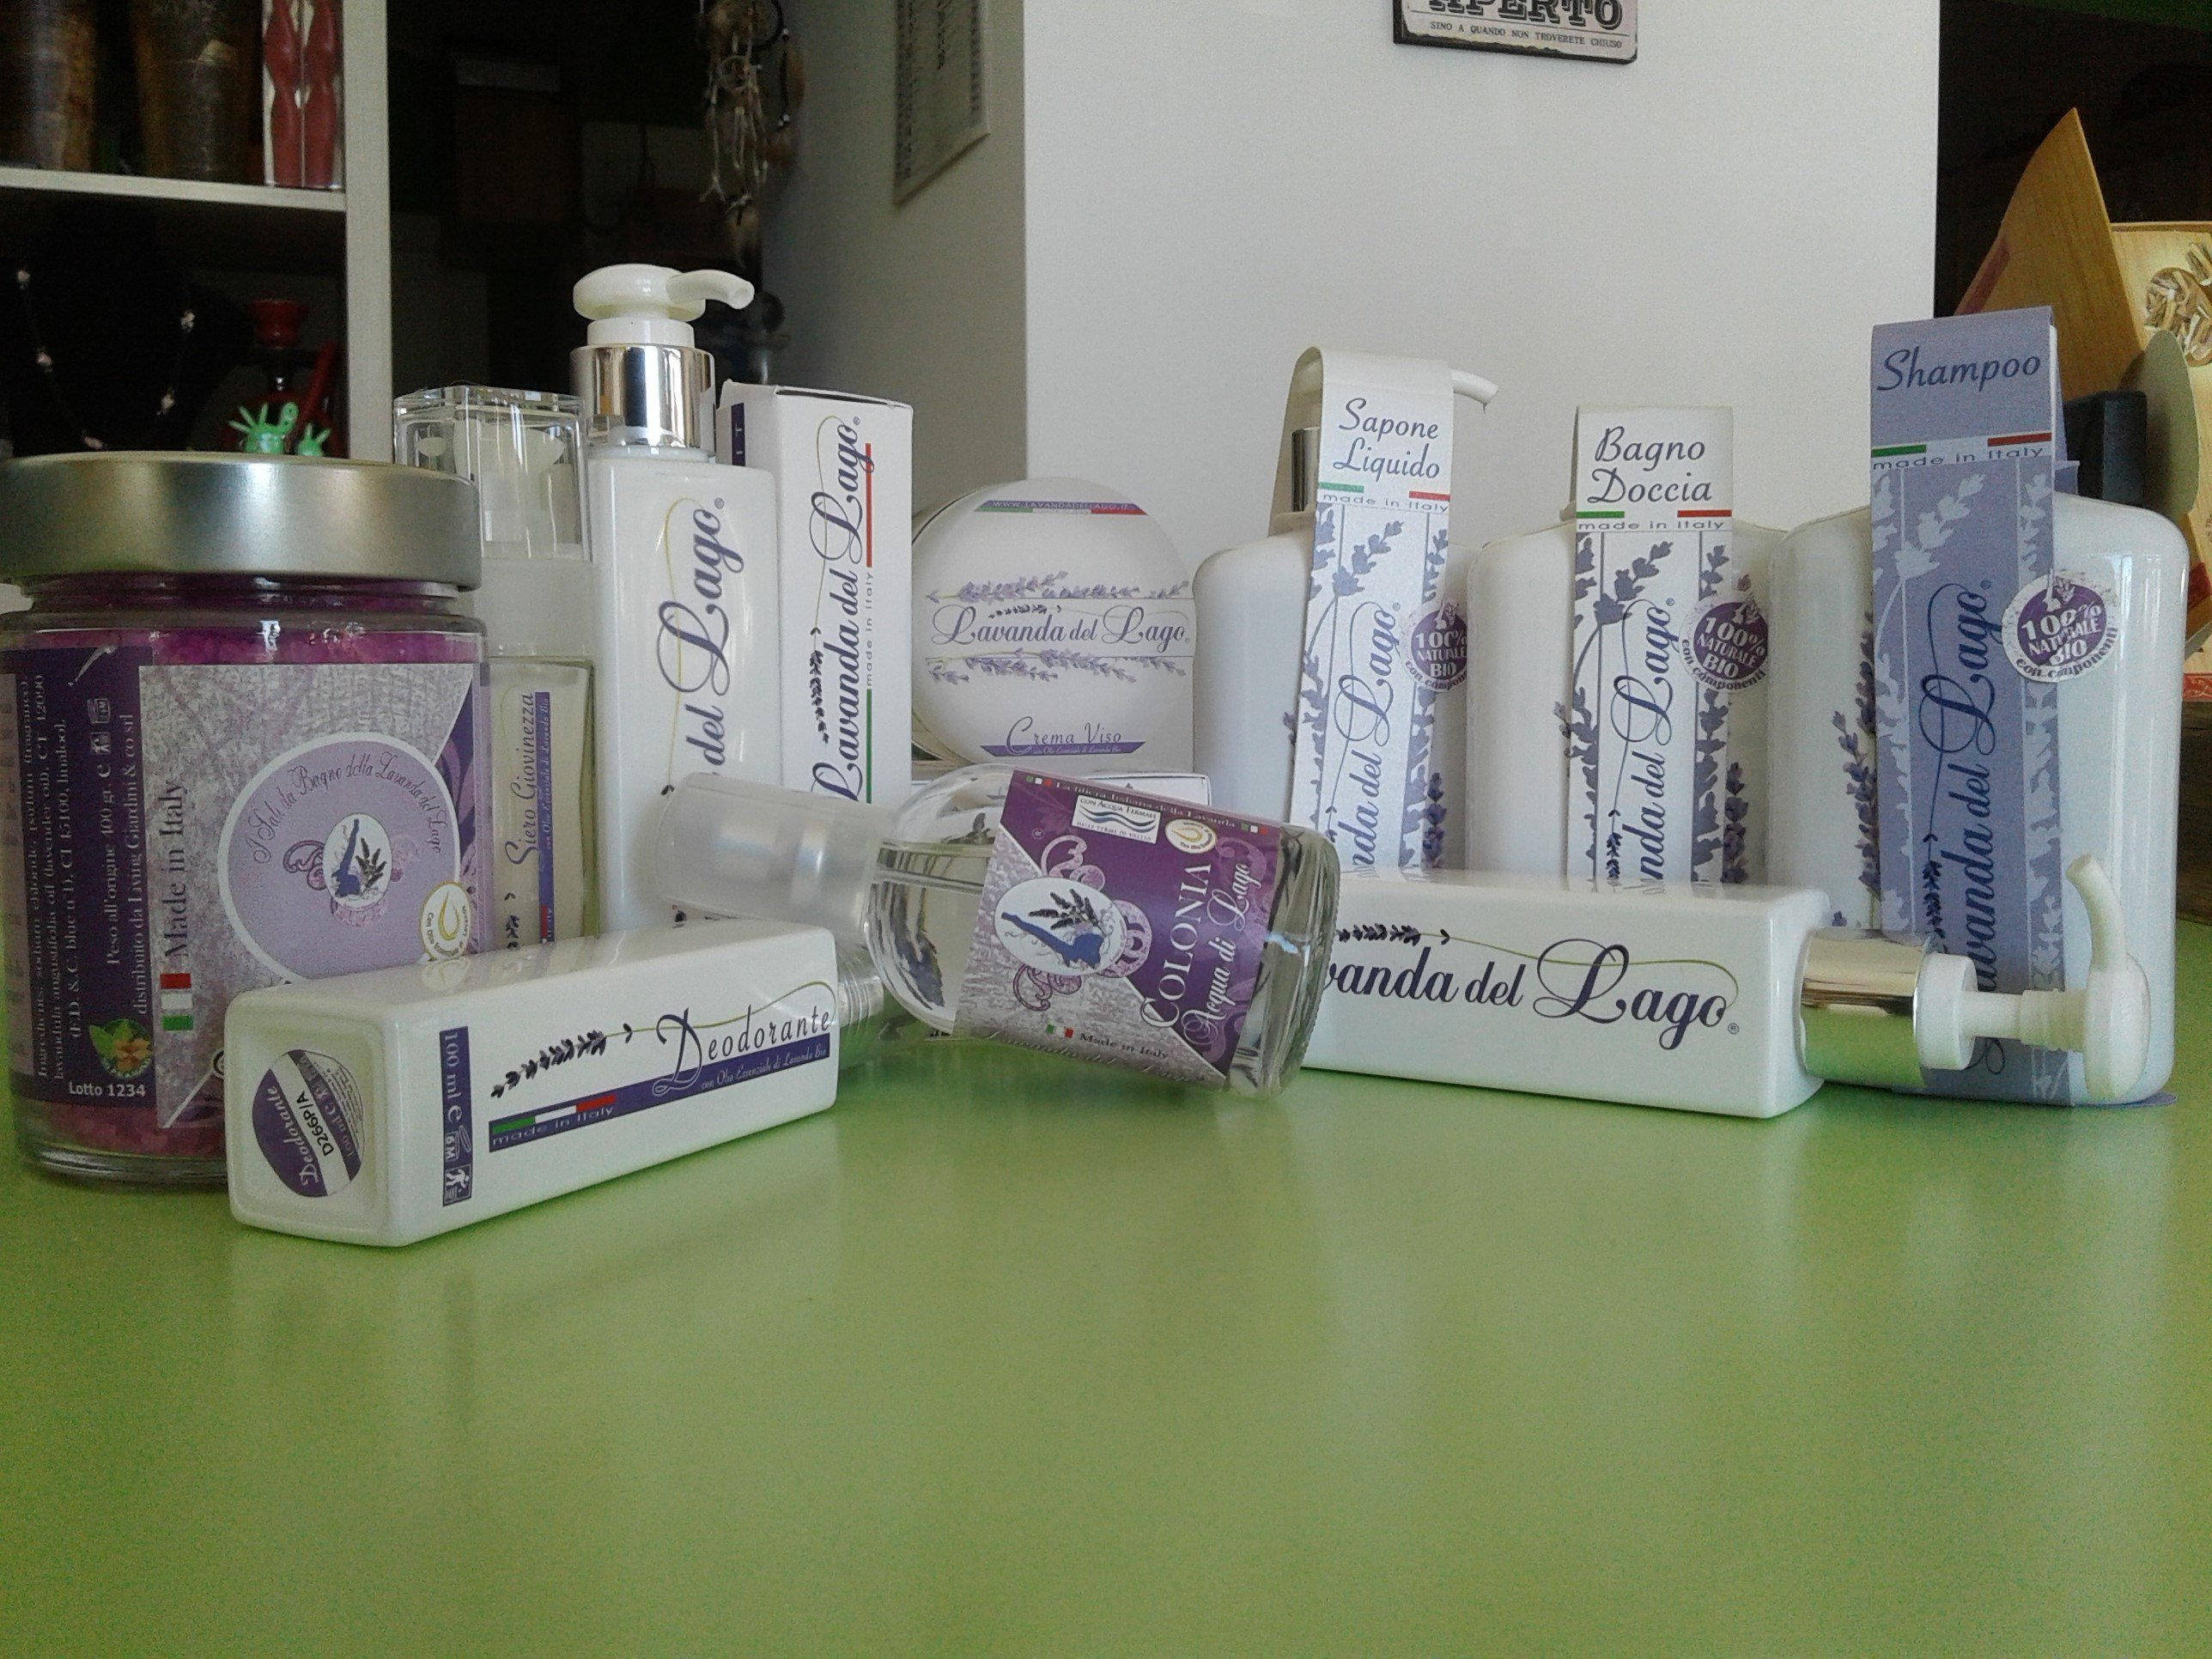 flaconi barattoli e confezioni di cartone di prodotti per la cura del corpo